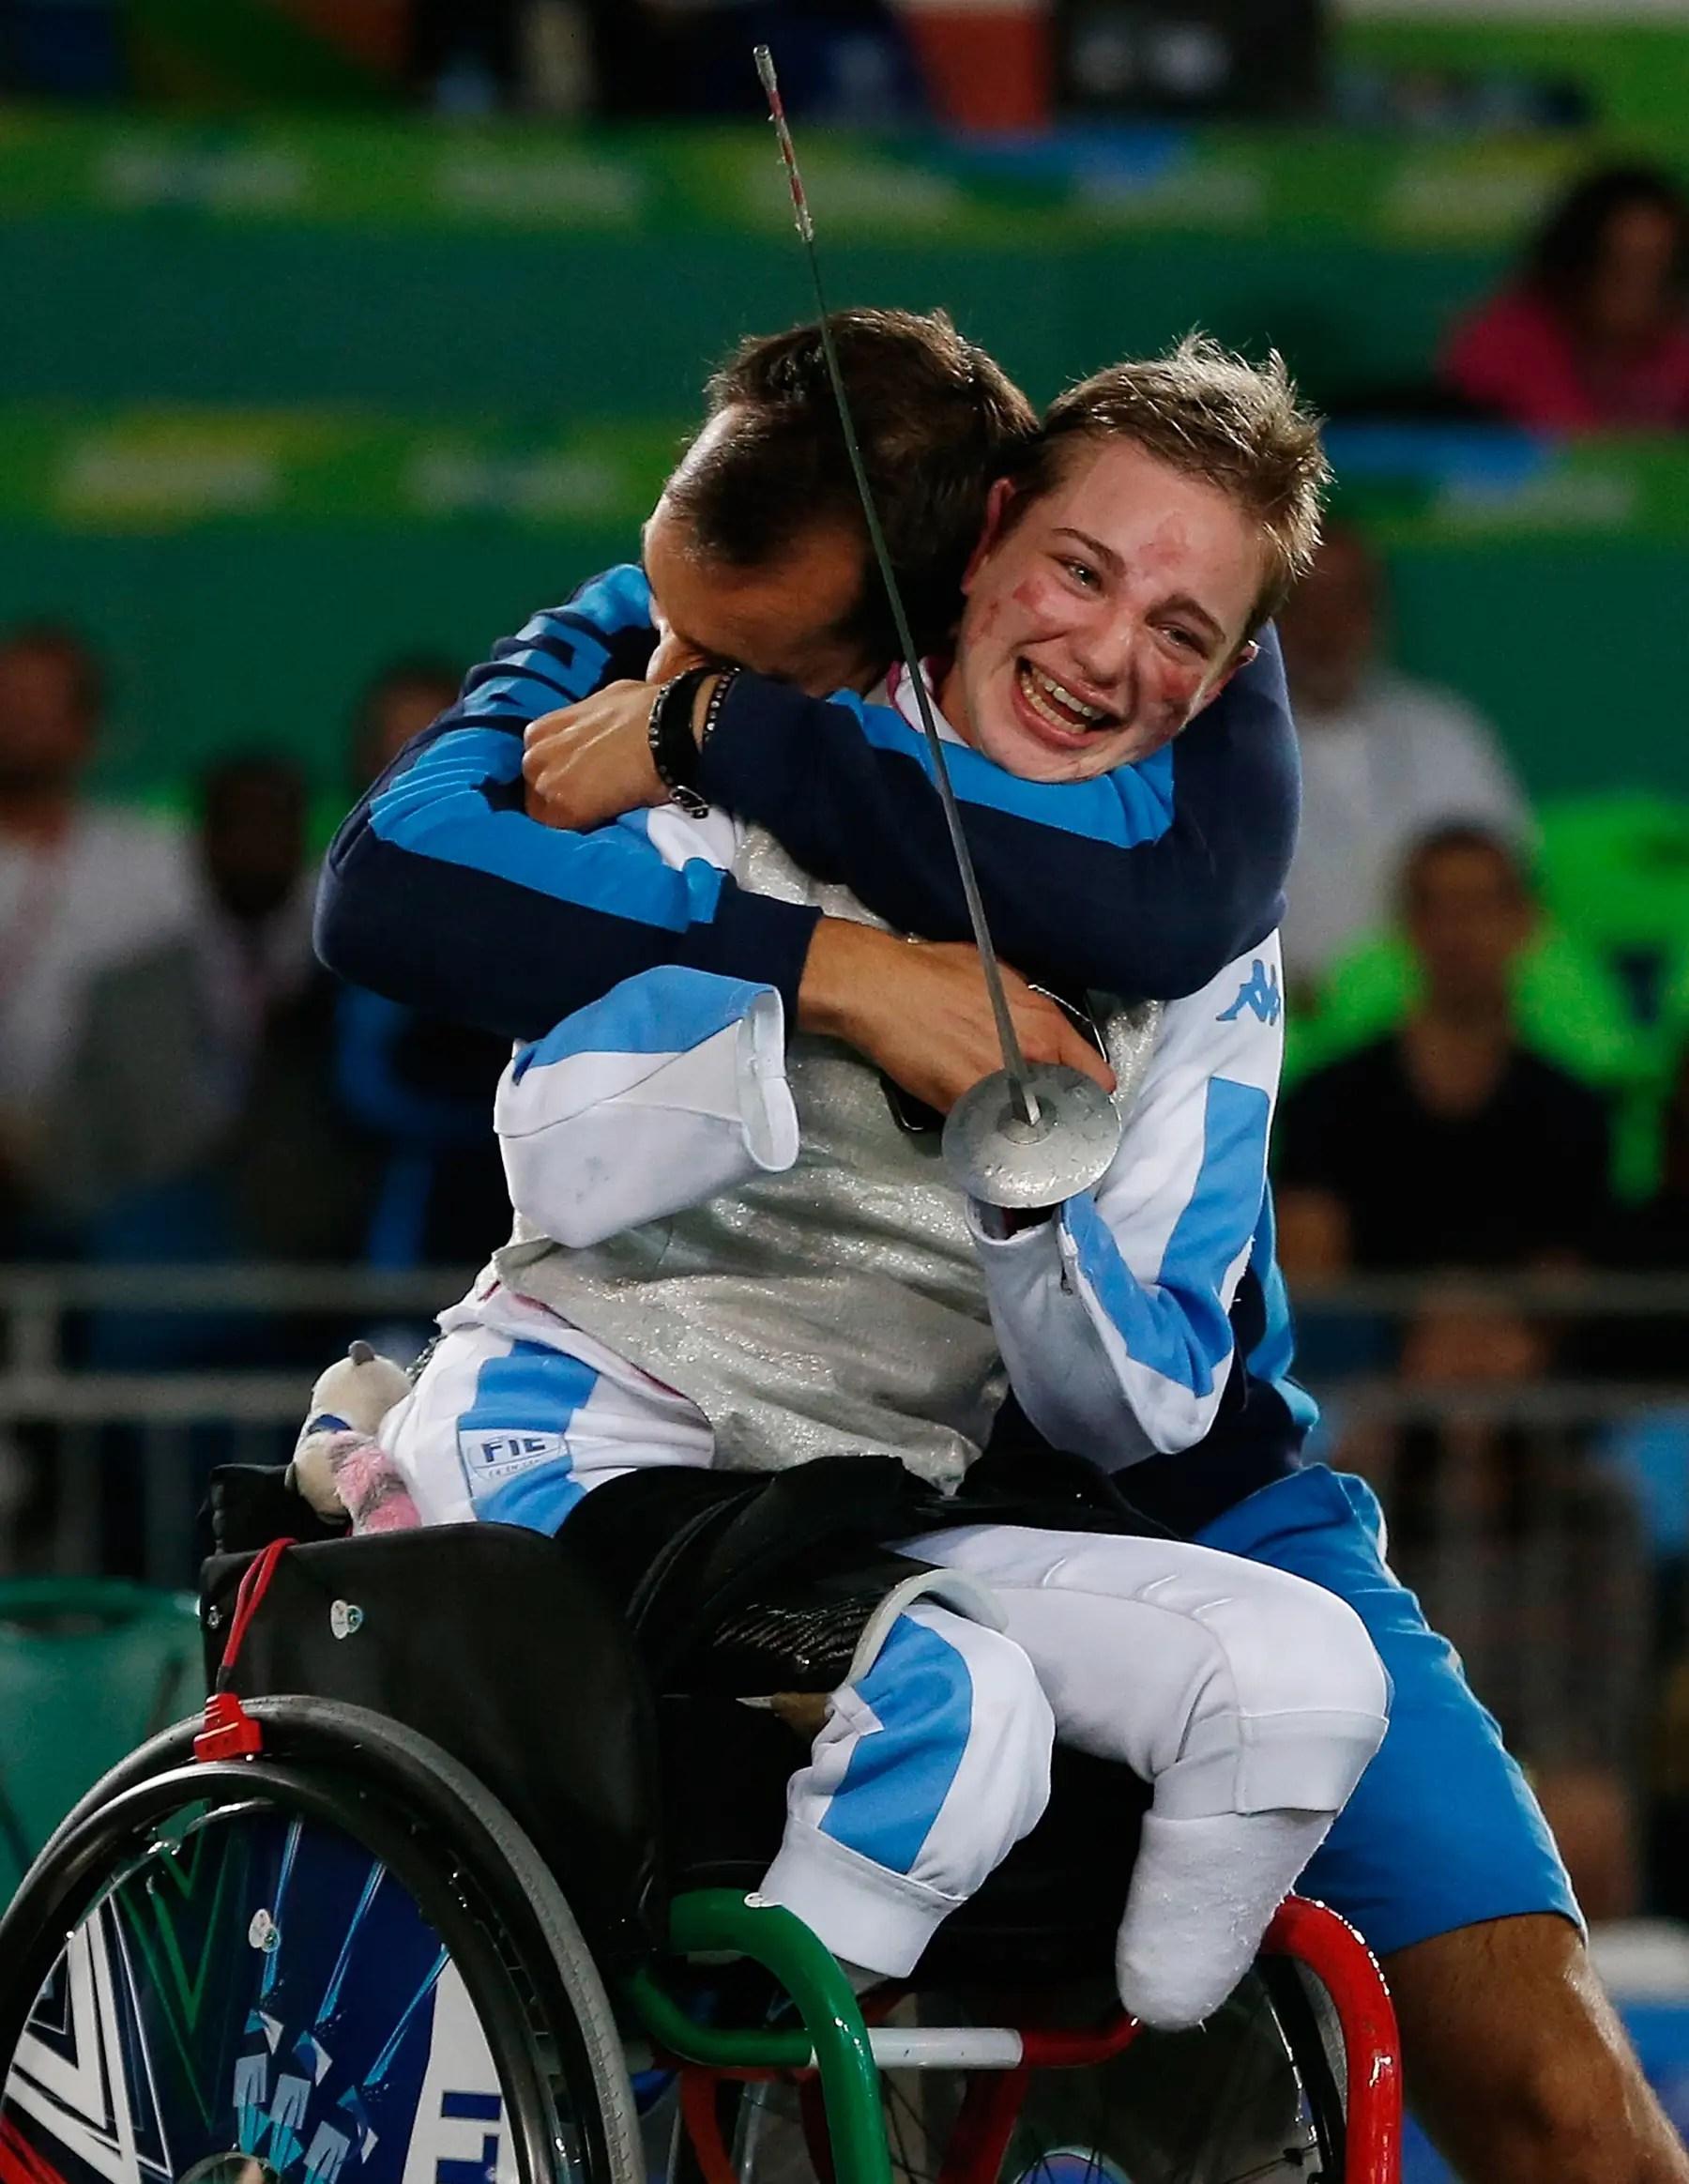 la italiana Beatrice Vio celebra ganando la medalla de bronce en esgrima en silla de ruedas.